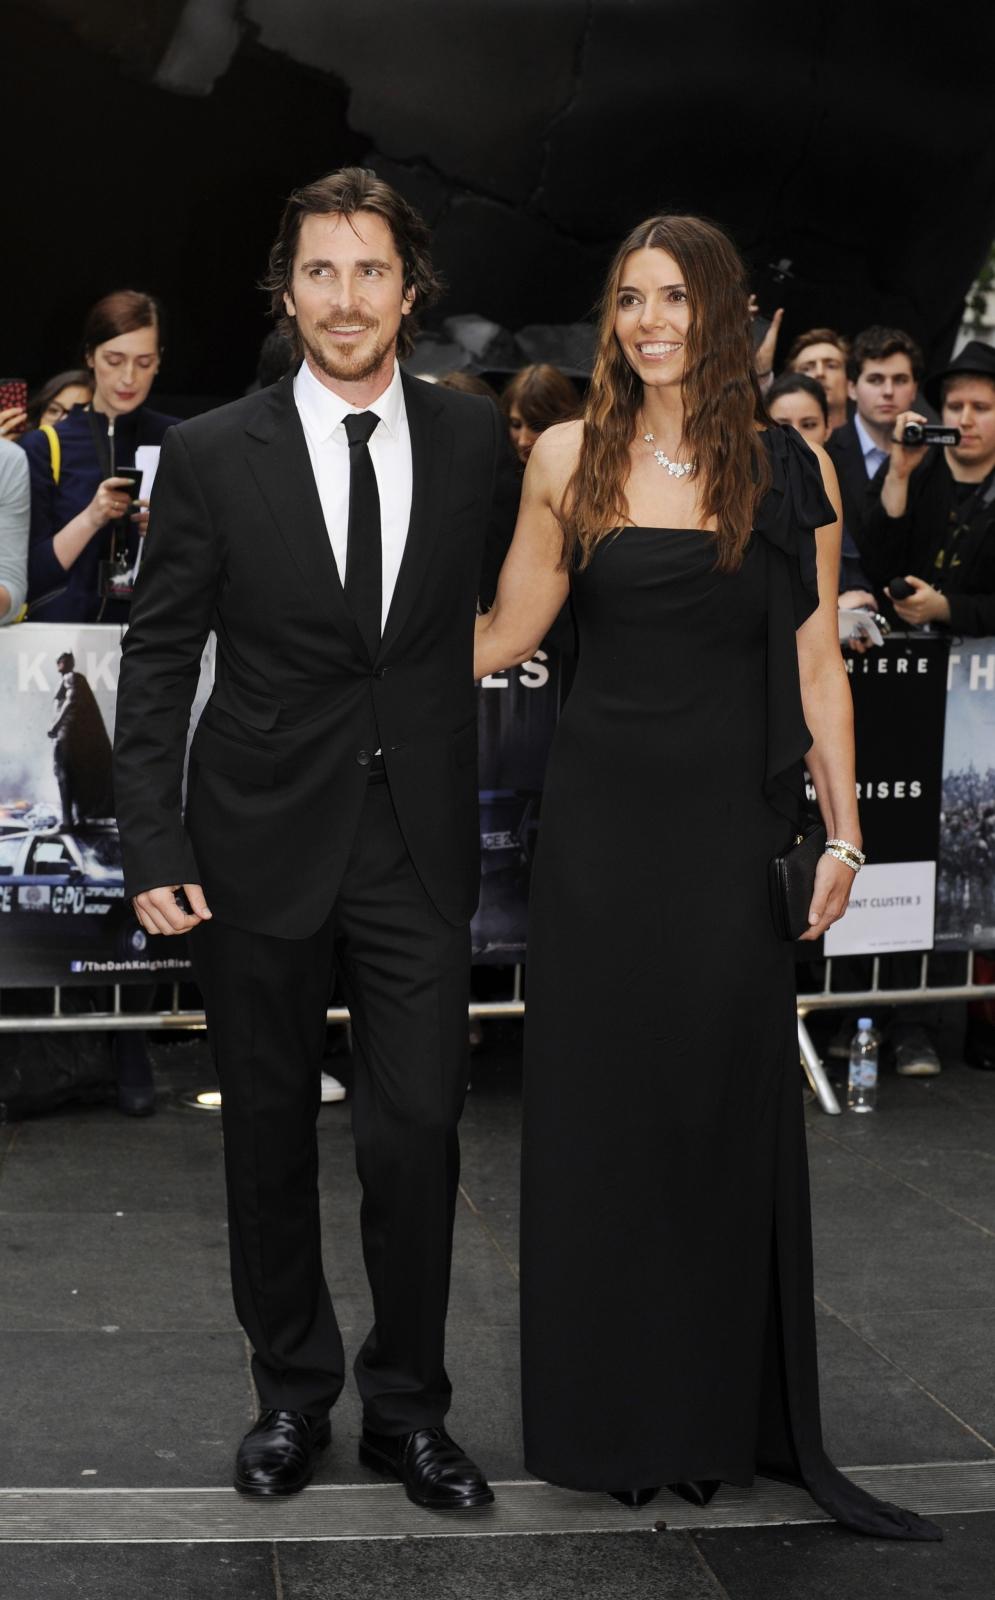 """Christian Bale z żoną Sibi Blazic na premierze filmu """"Mroczny rycerz powstaje"""" w Londynie"""